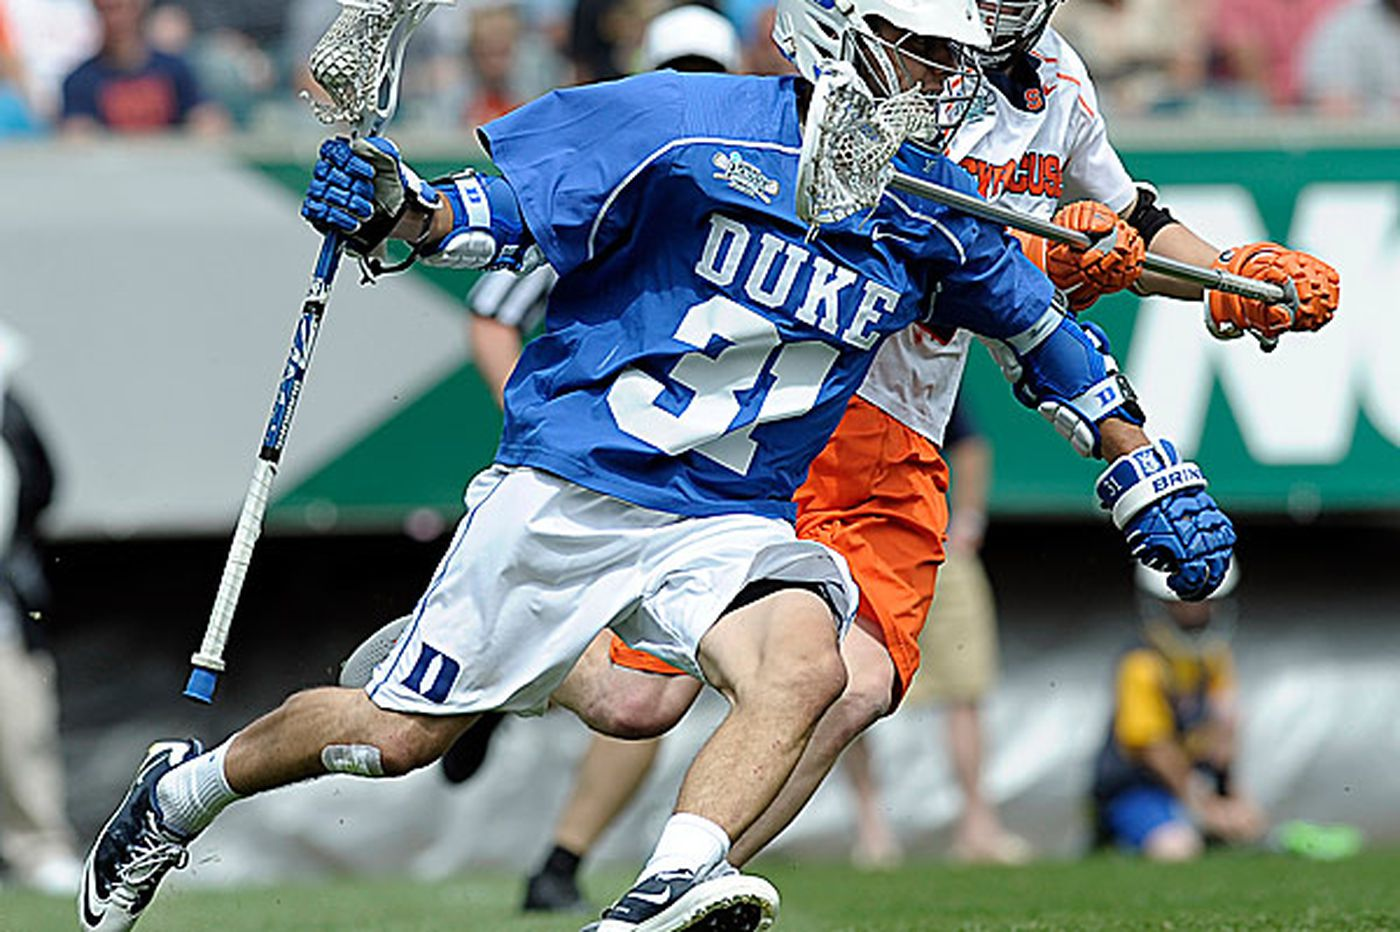 Lower Merion's Wolf leads Duke in ACC lacrosse